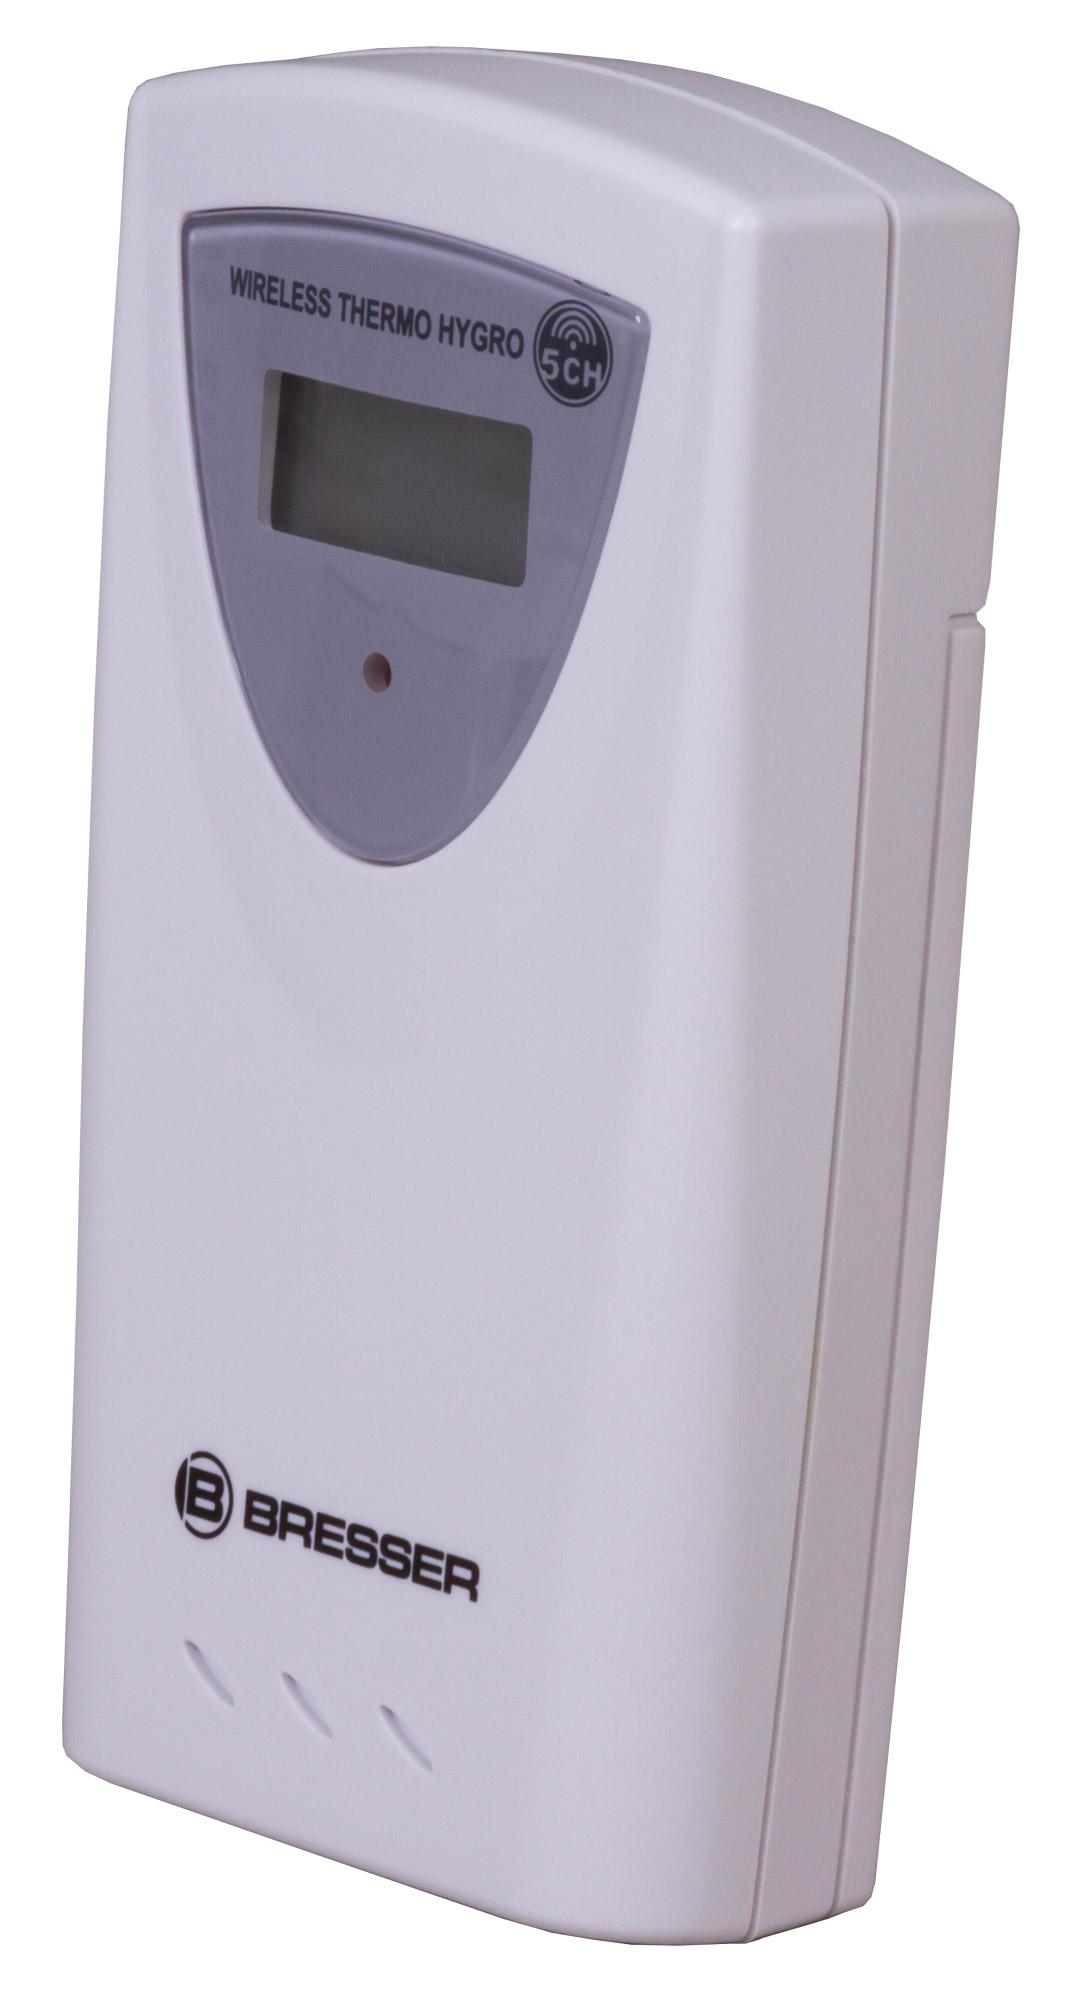 Датчик внешний Bresser для метеостанций, 433 МГц, пятиканальный